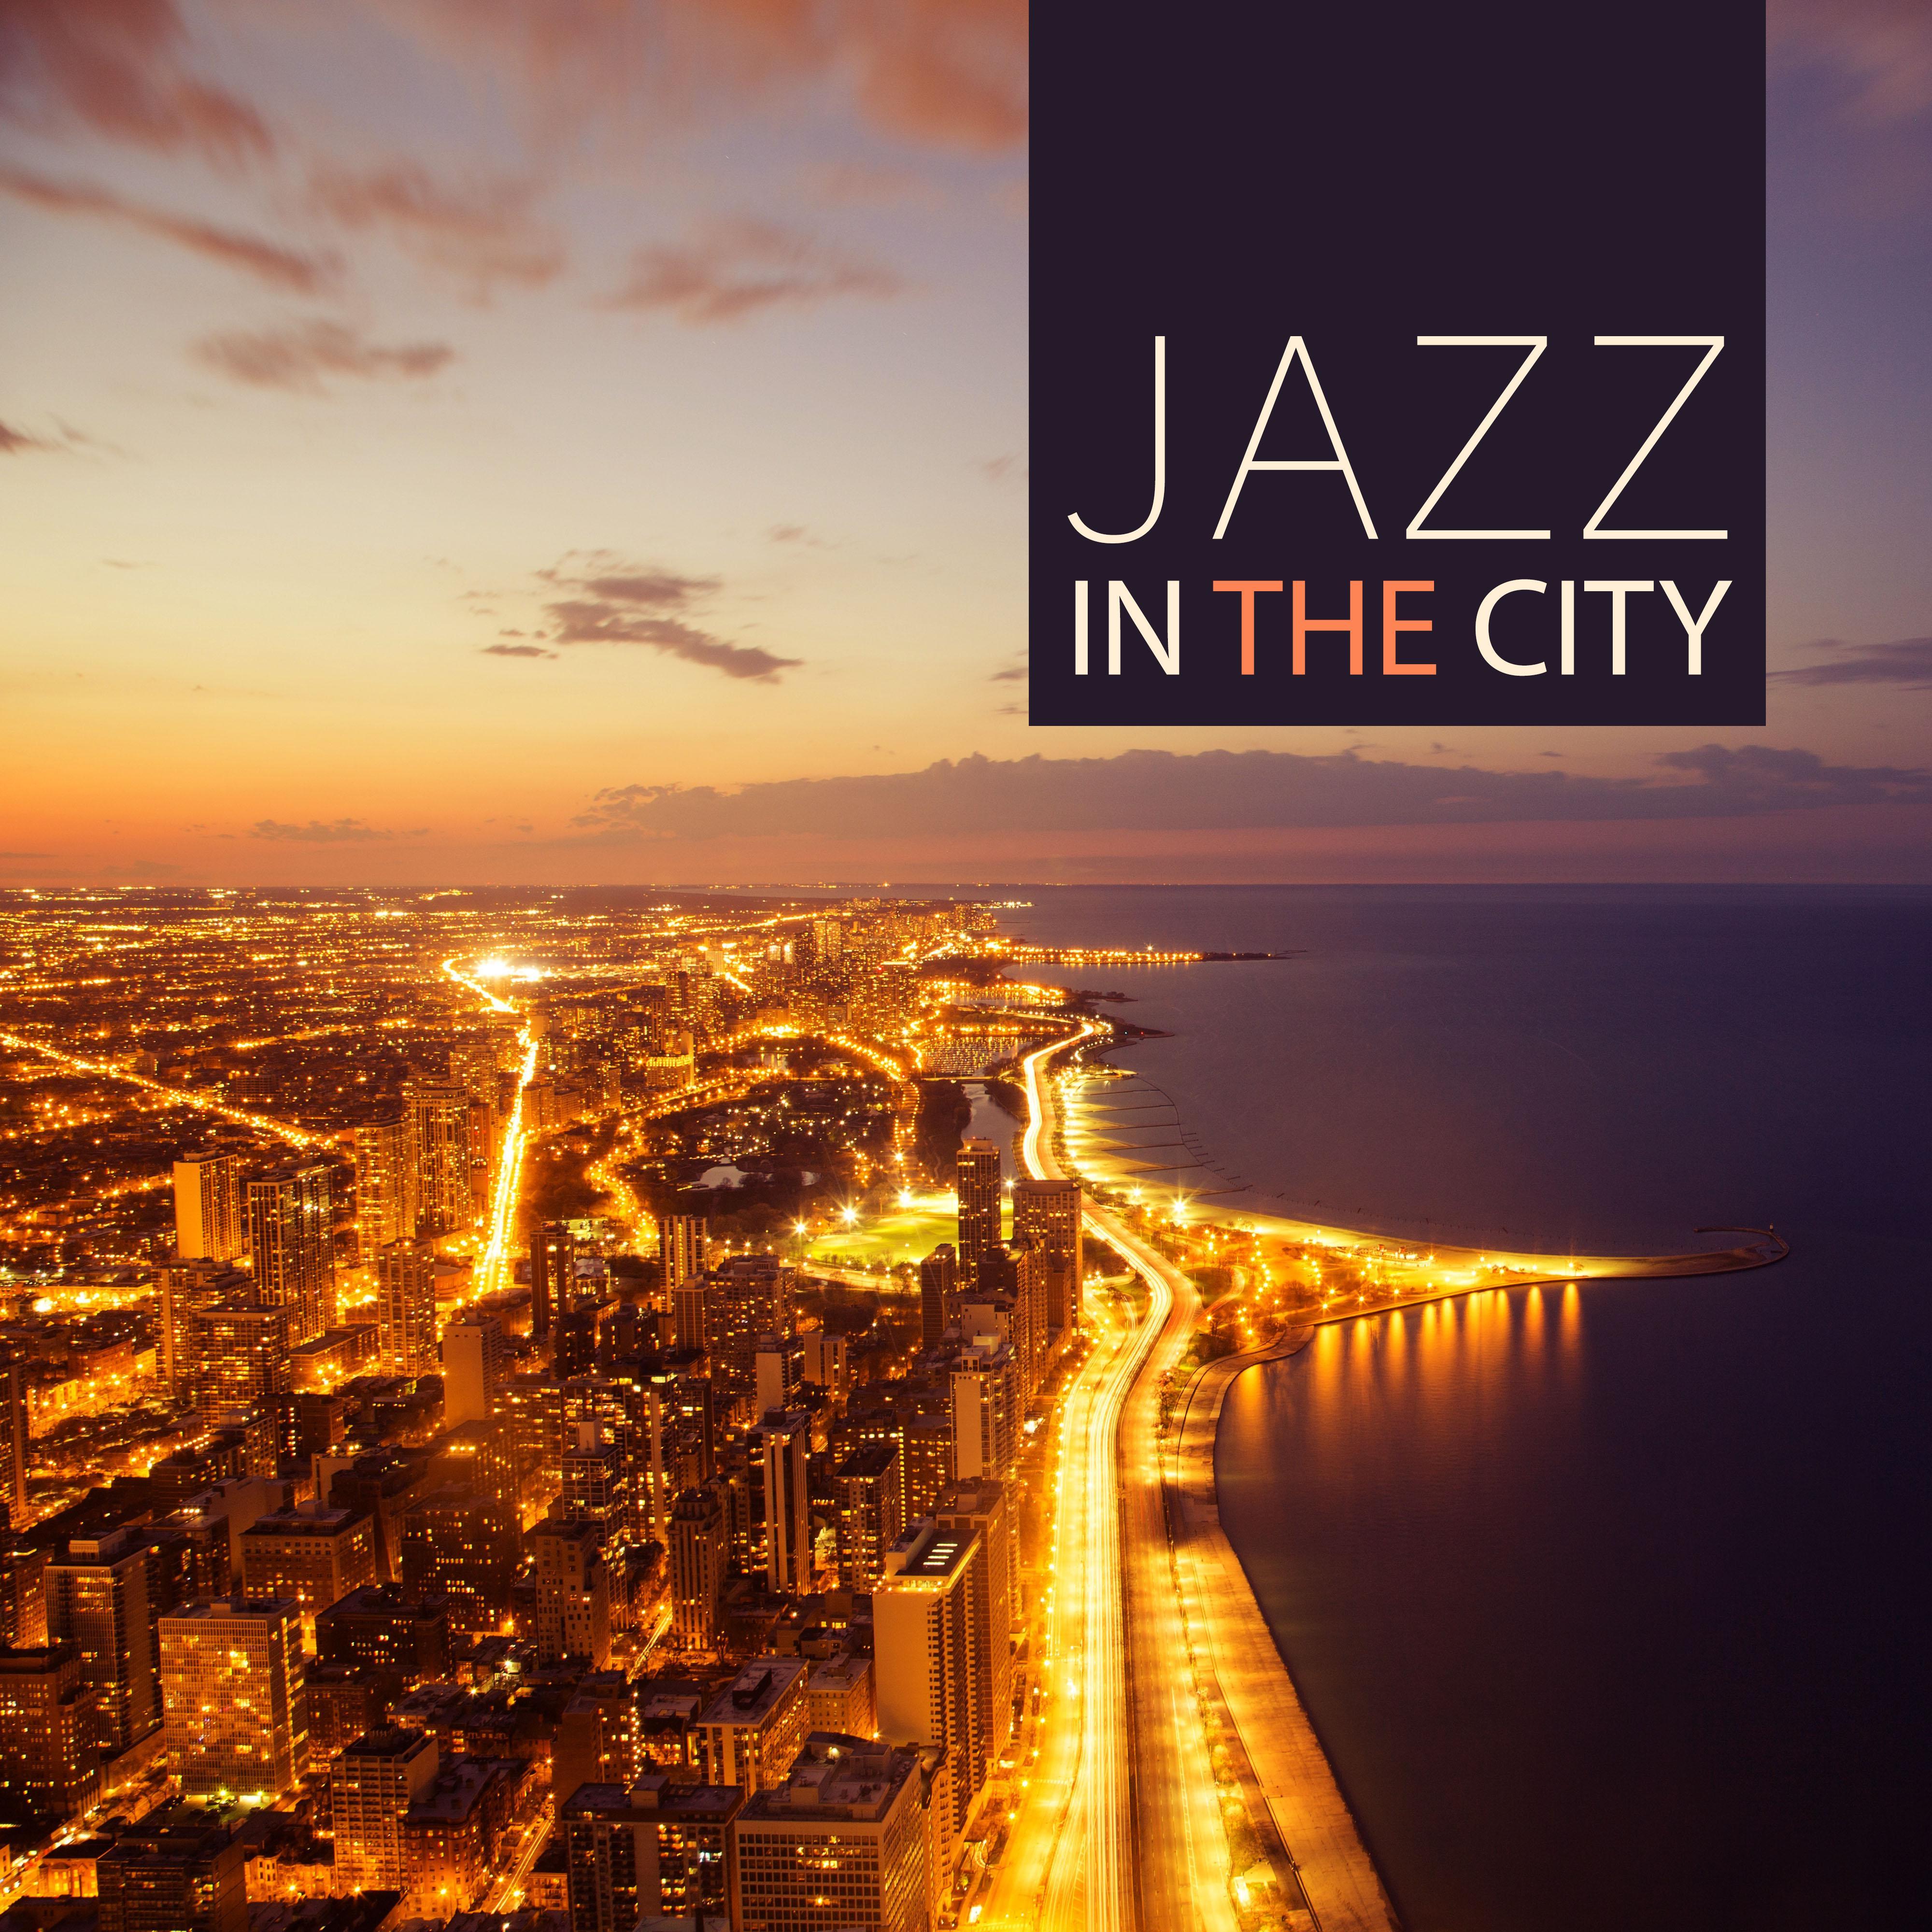 歌手:soft jazz 发行时间:2016-08-05 发行公司: cool jazz record